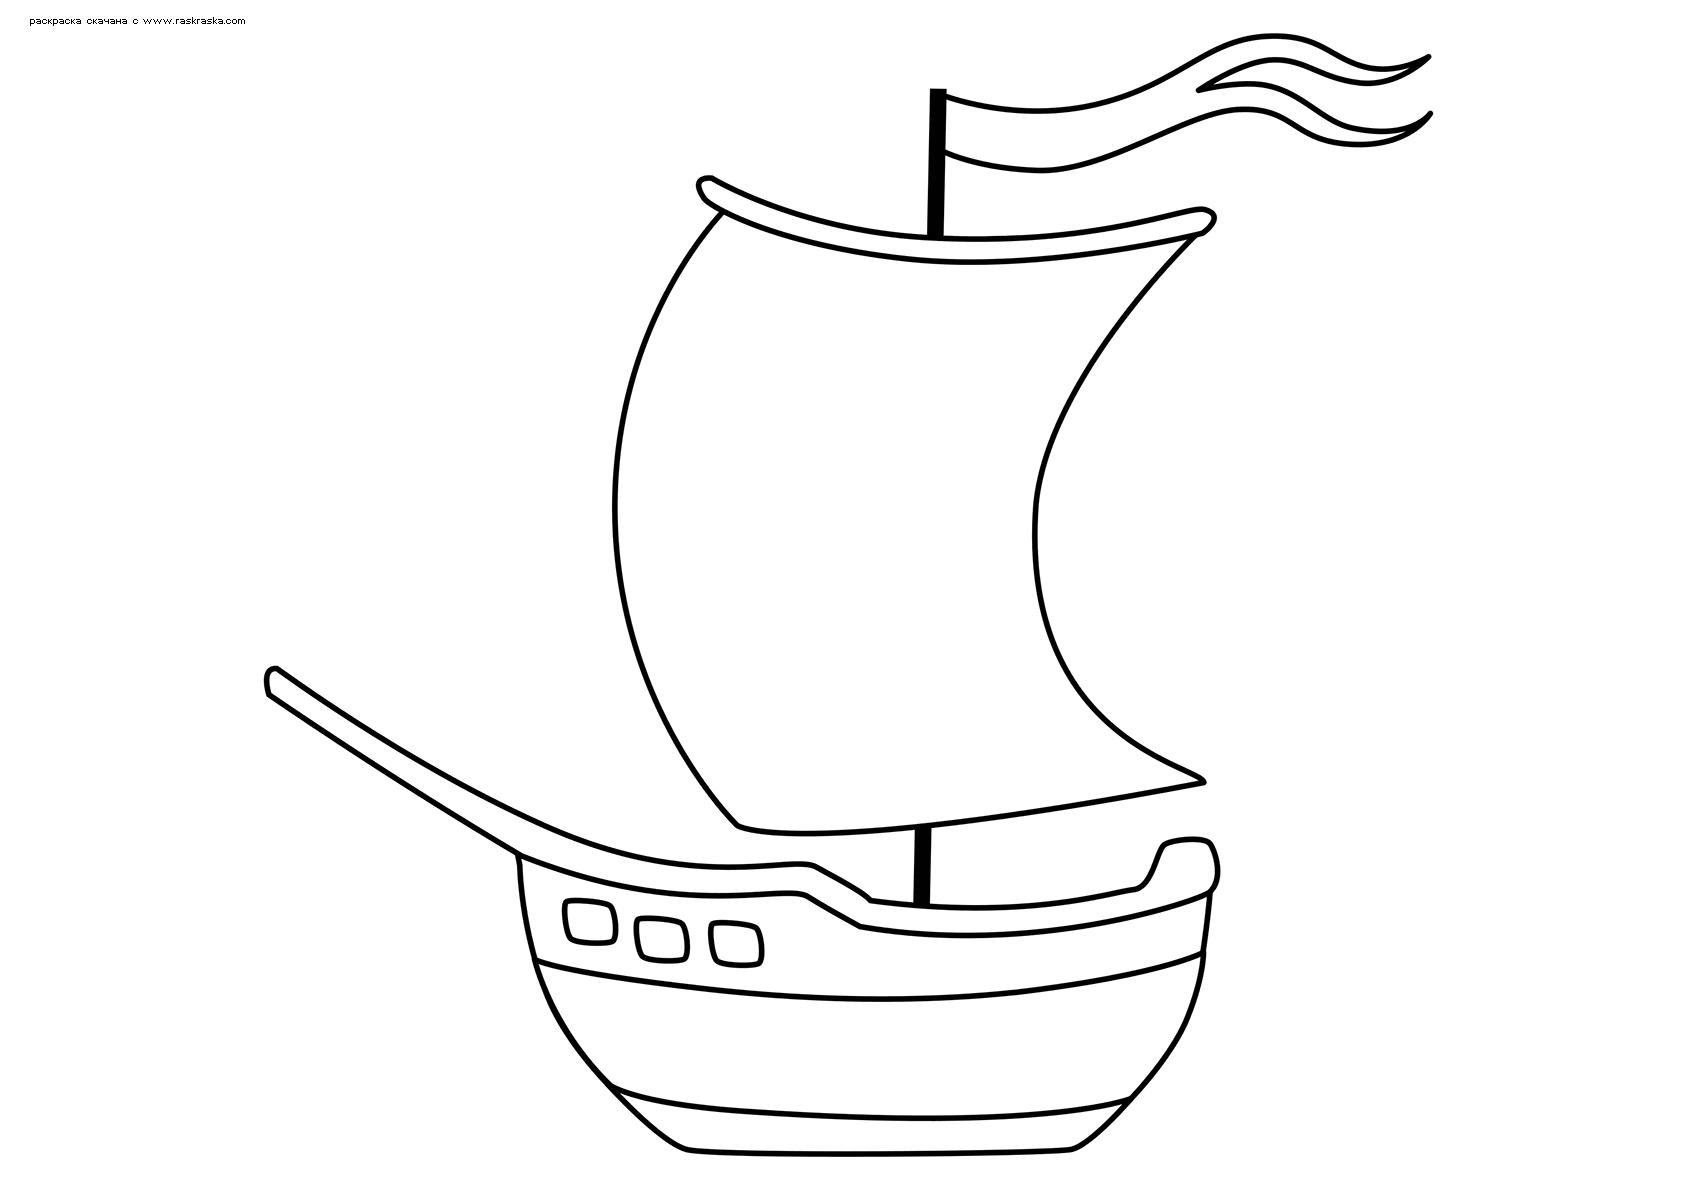 Раскраска Кораблик | Раскраски для детей 4-х лет. Детские ...